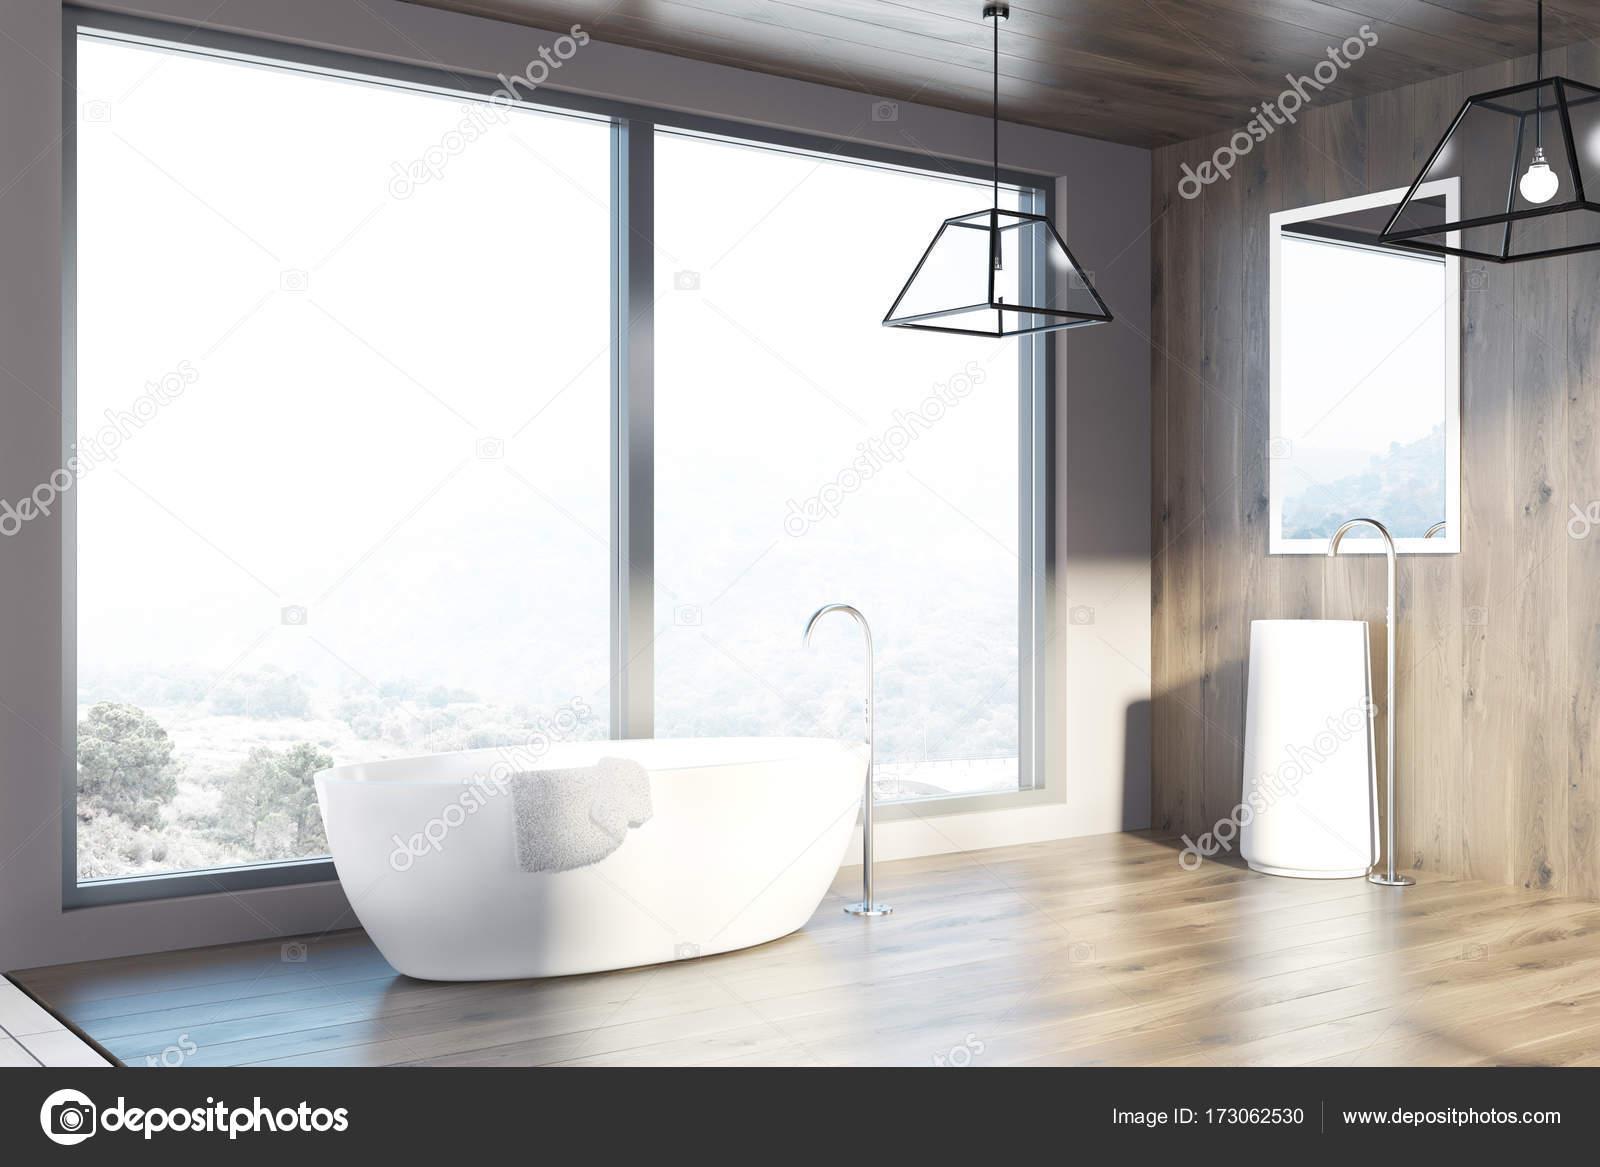 Dachboden Sie Aus Holz Bad Badewanne Und Waschbecken Seite